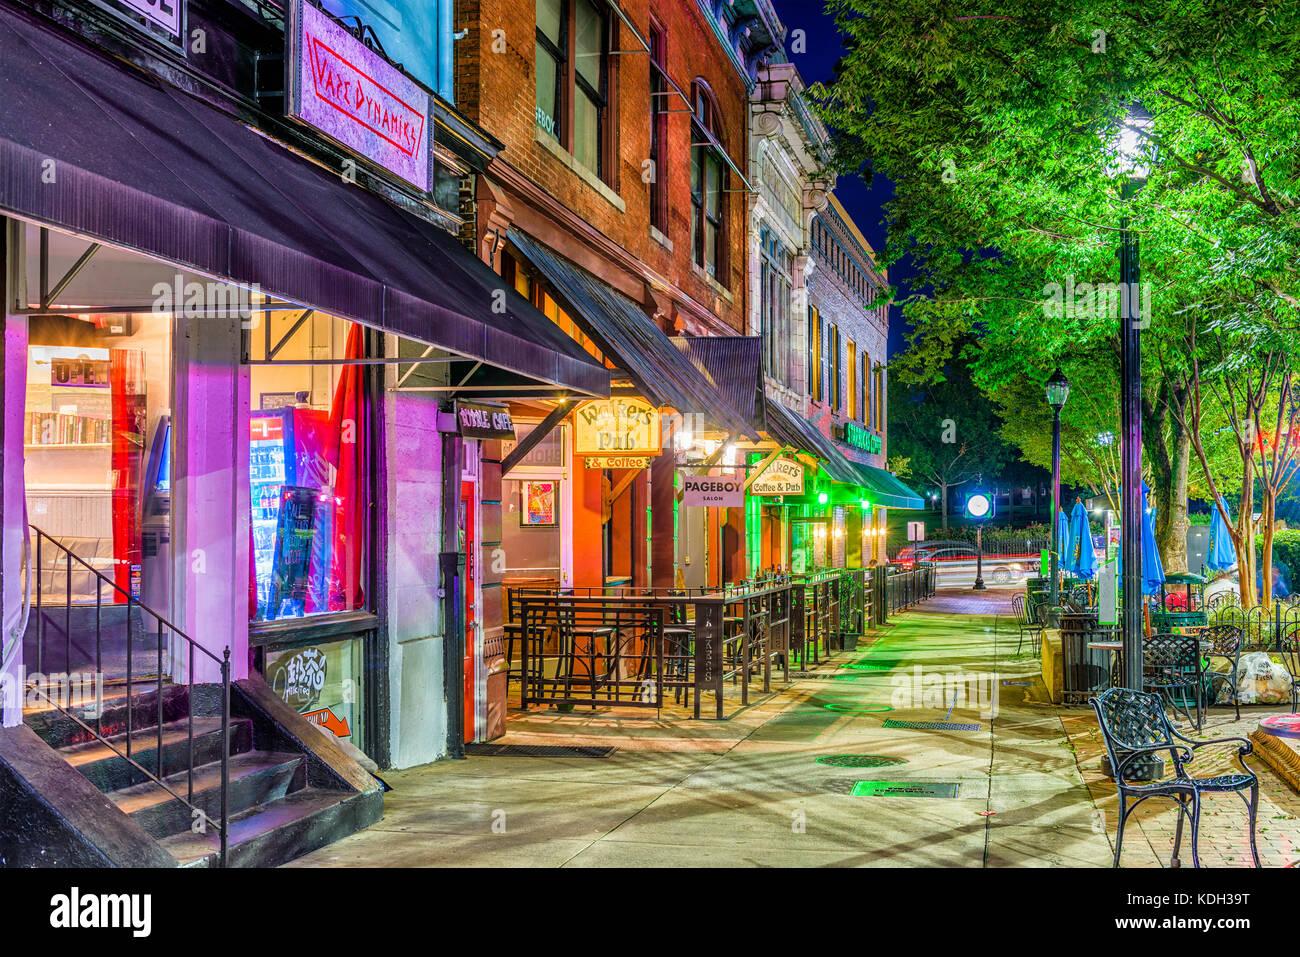 Athens, Georgia - Agosto 13, 2017: tiendas y bares a lo largo de la Avenida College en el centro de Atenas por la noche. Foto de stock